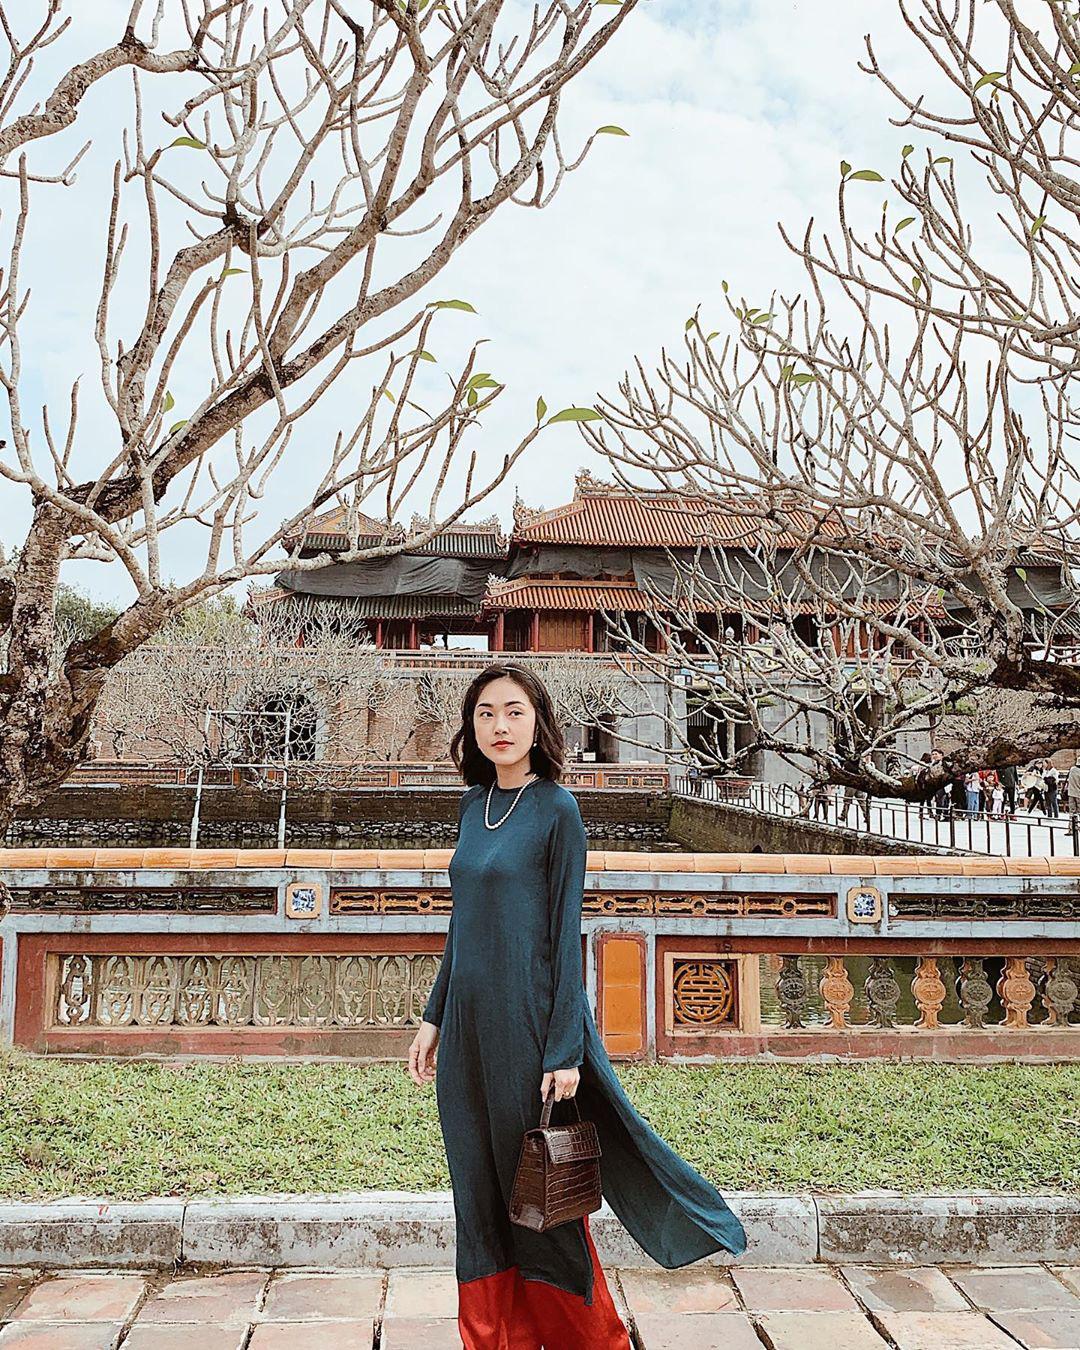 3 thành phố của Việt Nam được xếp hạng thành phố du lịch sạch ASEAN 2020 - Ảnh 1.